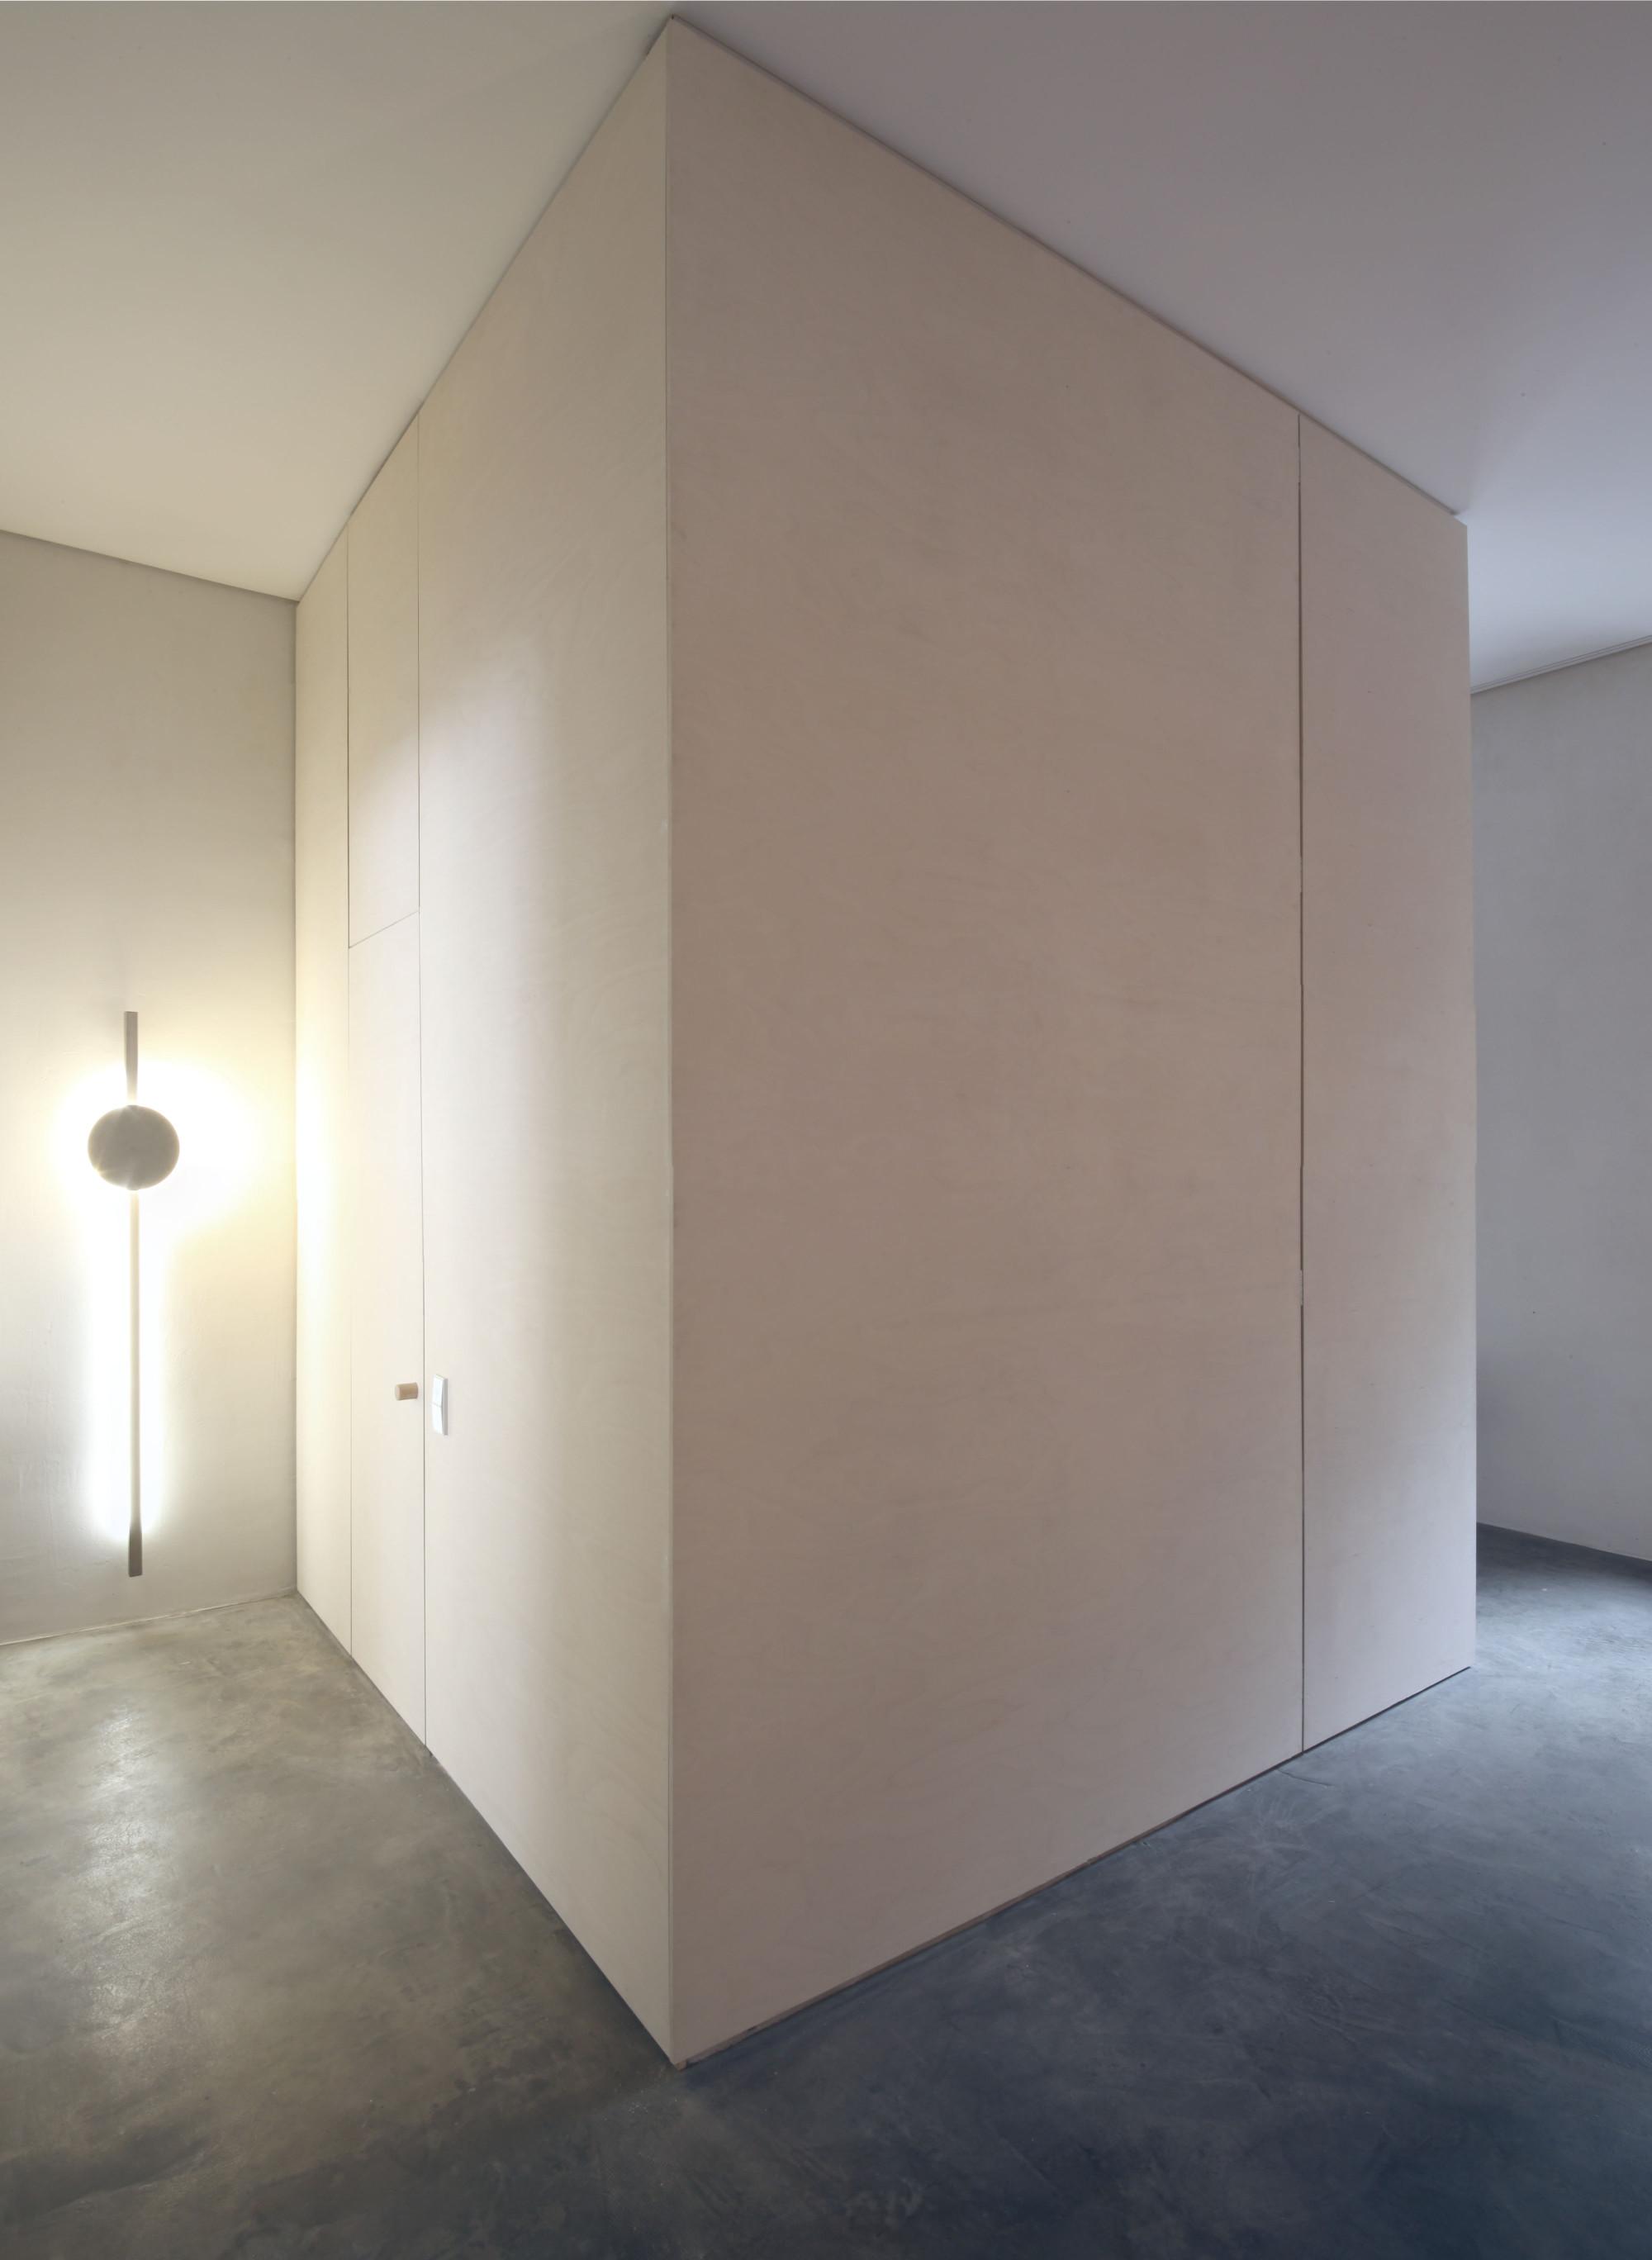 Studio 25, Berlin